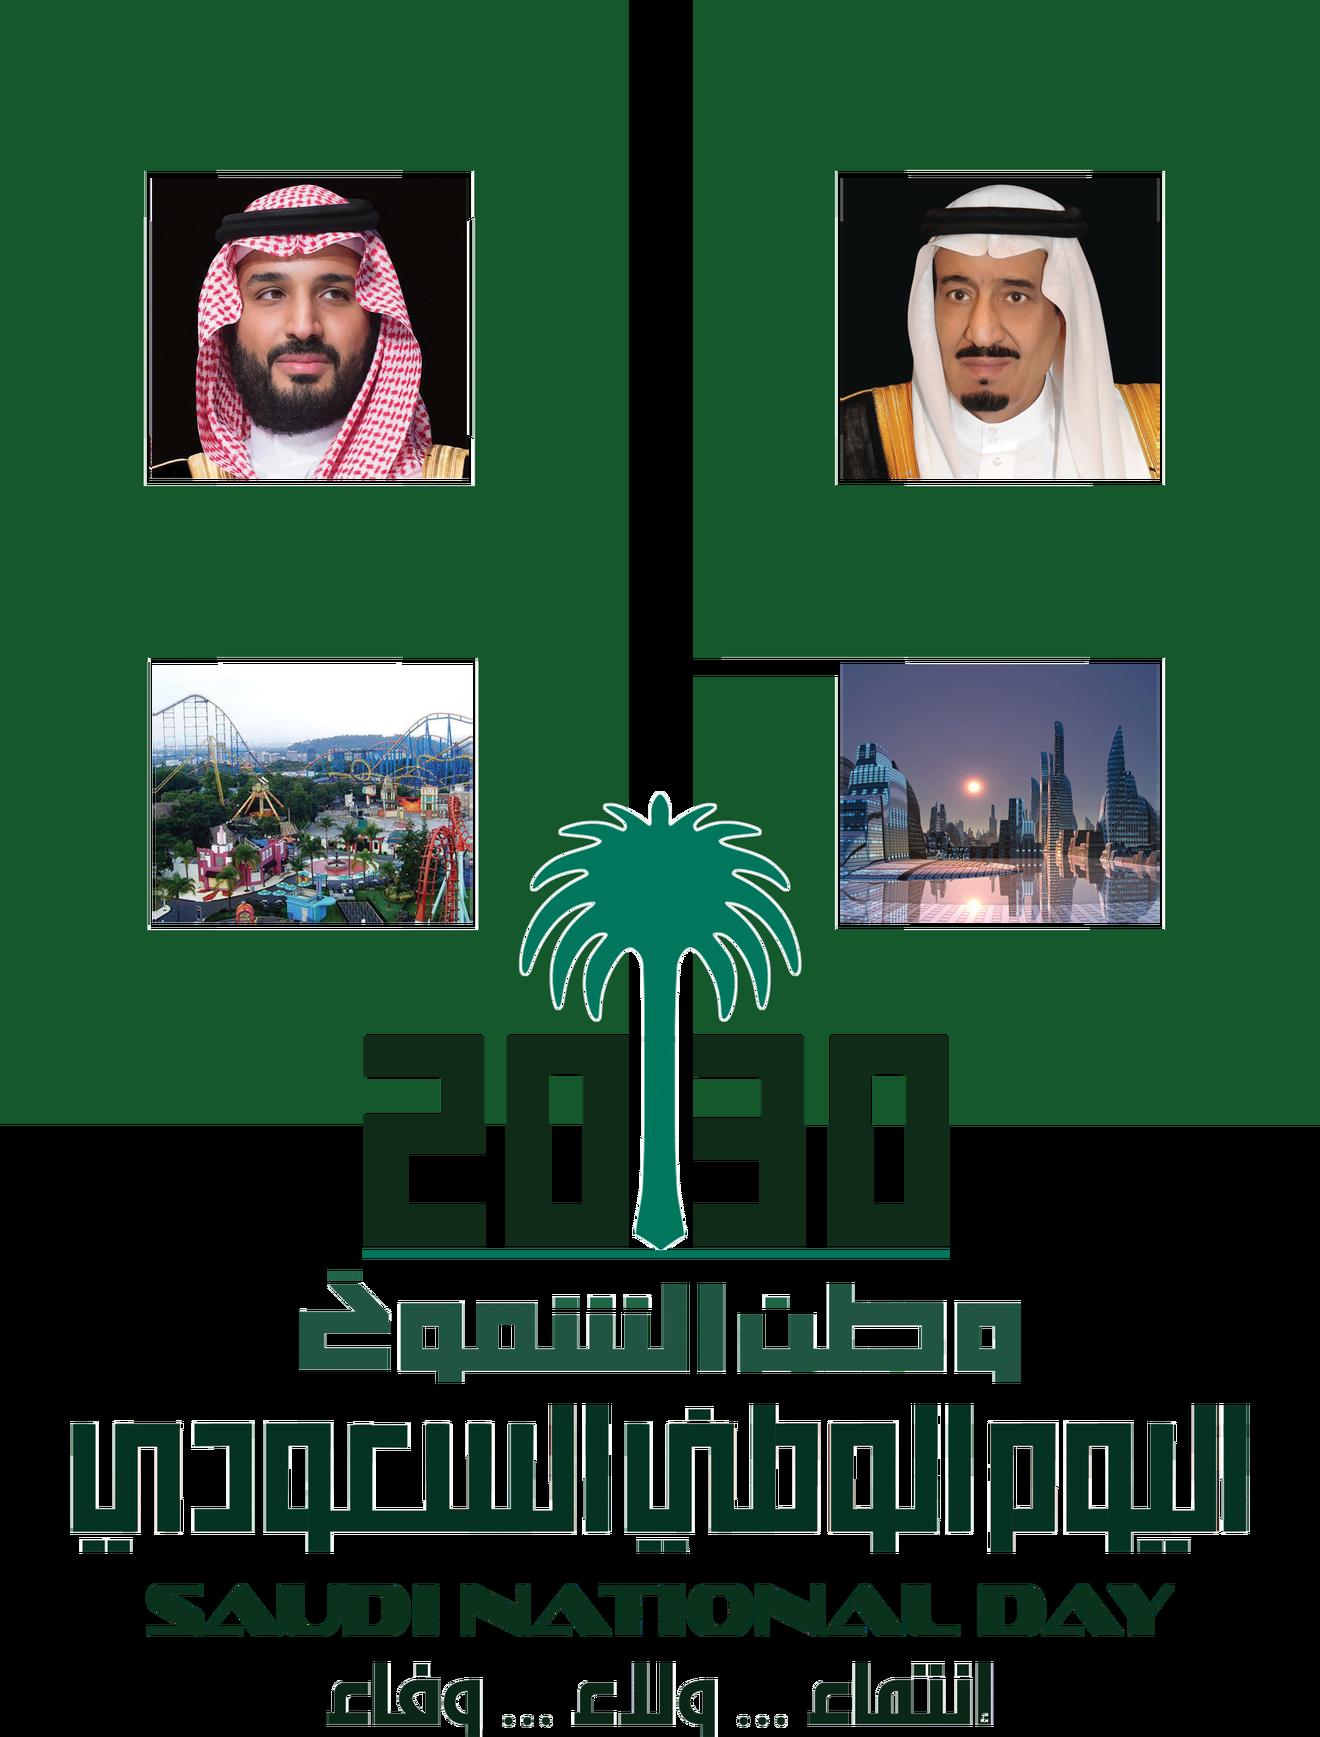 تصميم رؤية 2030 اليوم الوطني السعودي 89